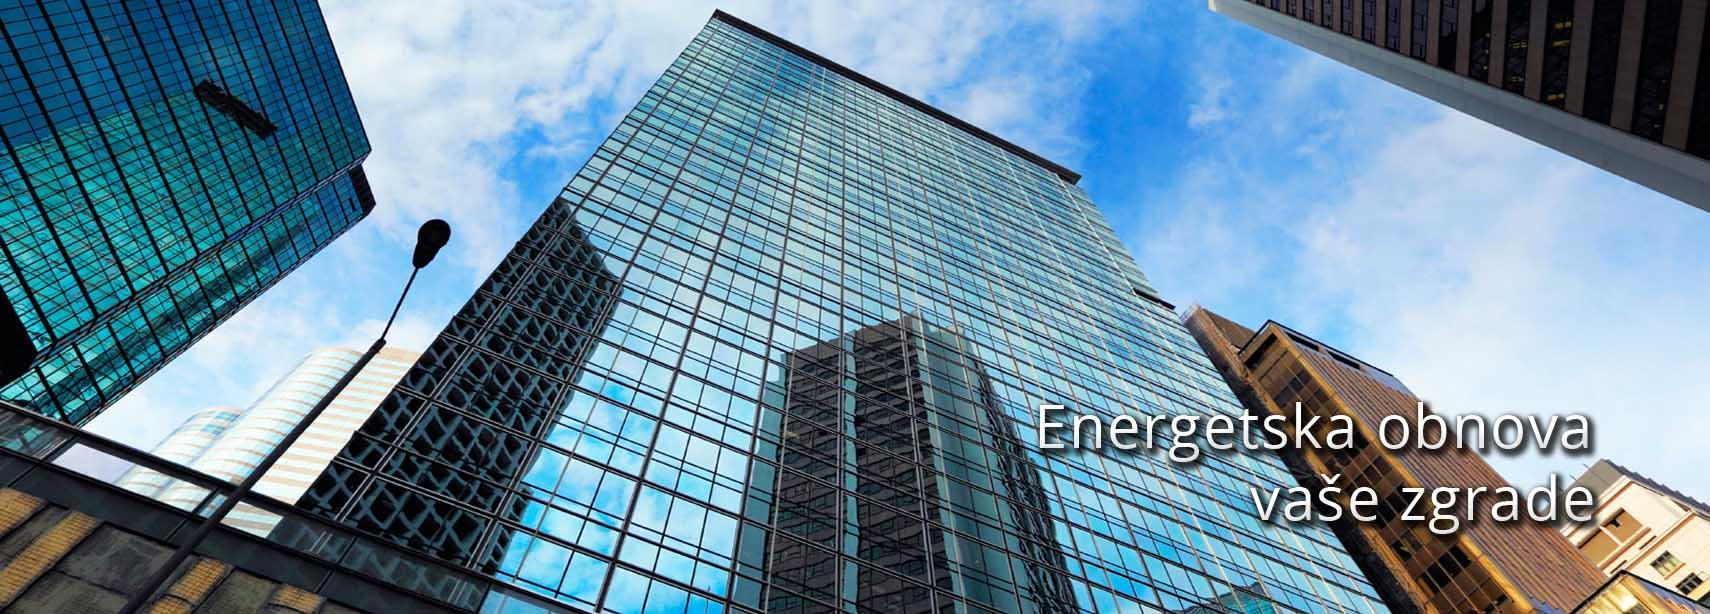 Energetska obnova zgrade